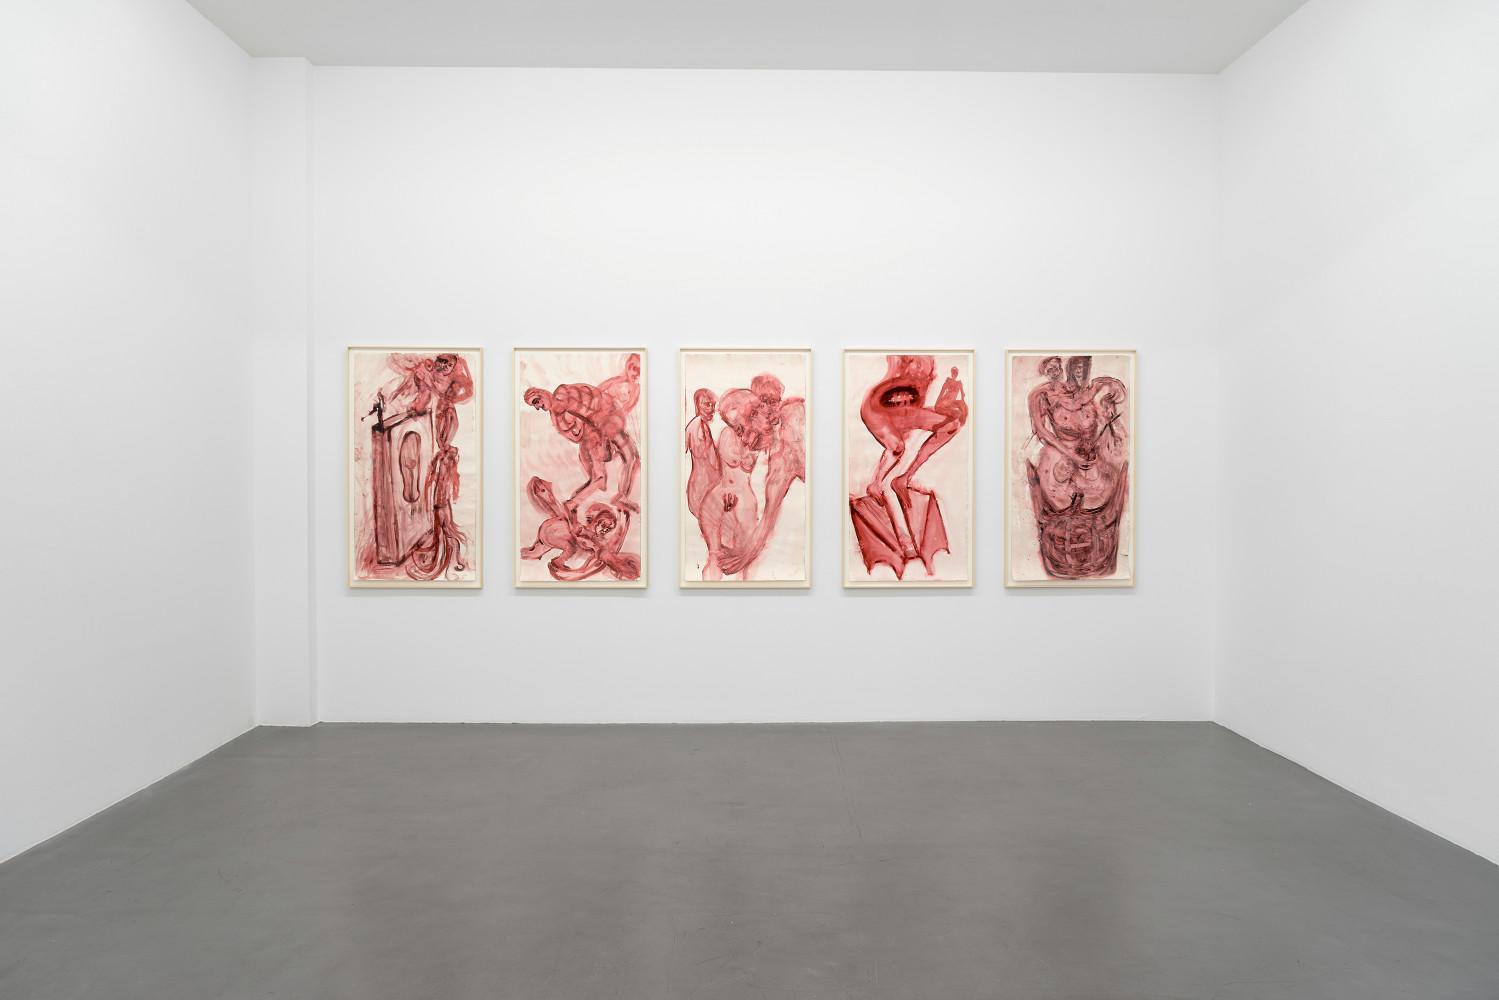 Martin Disler, Installation view, Buchmann Galerie, 2017